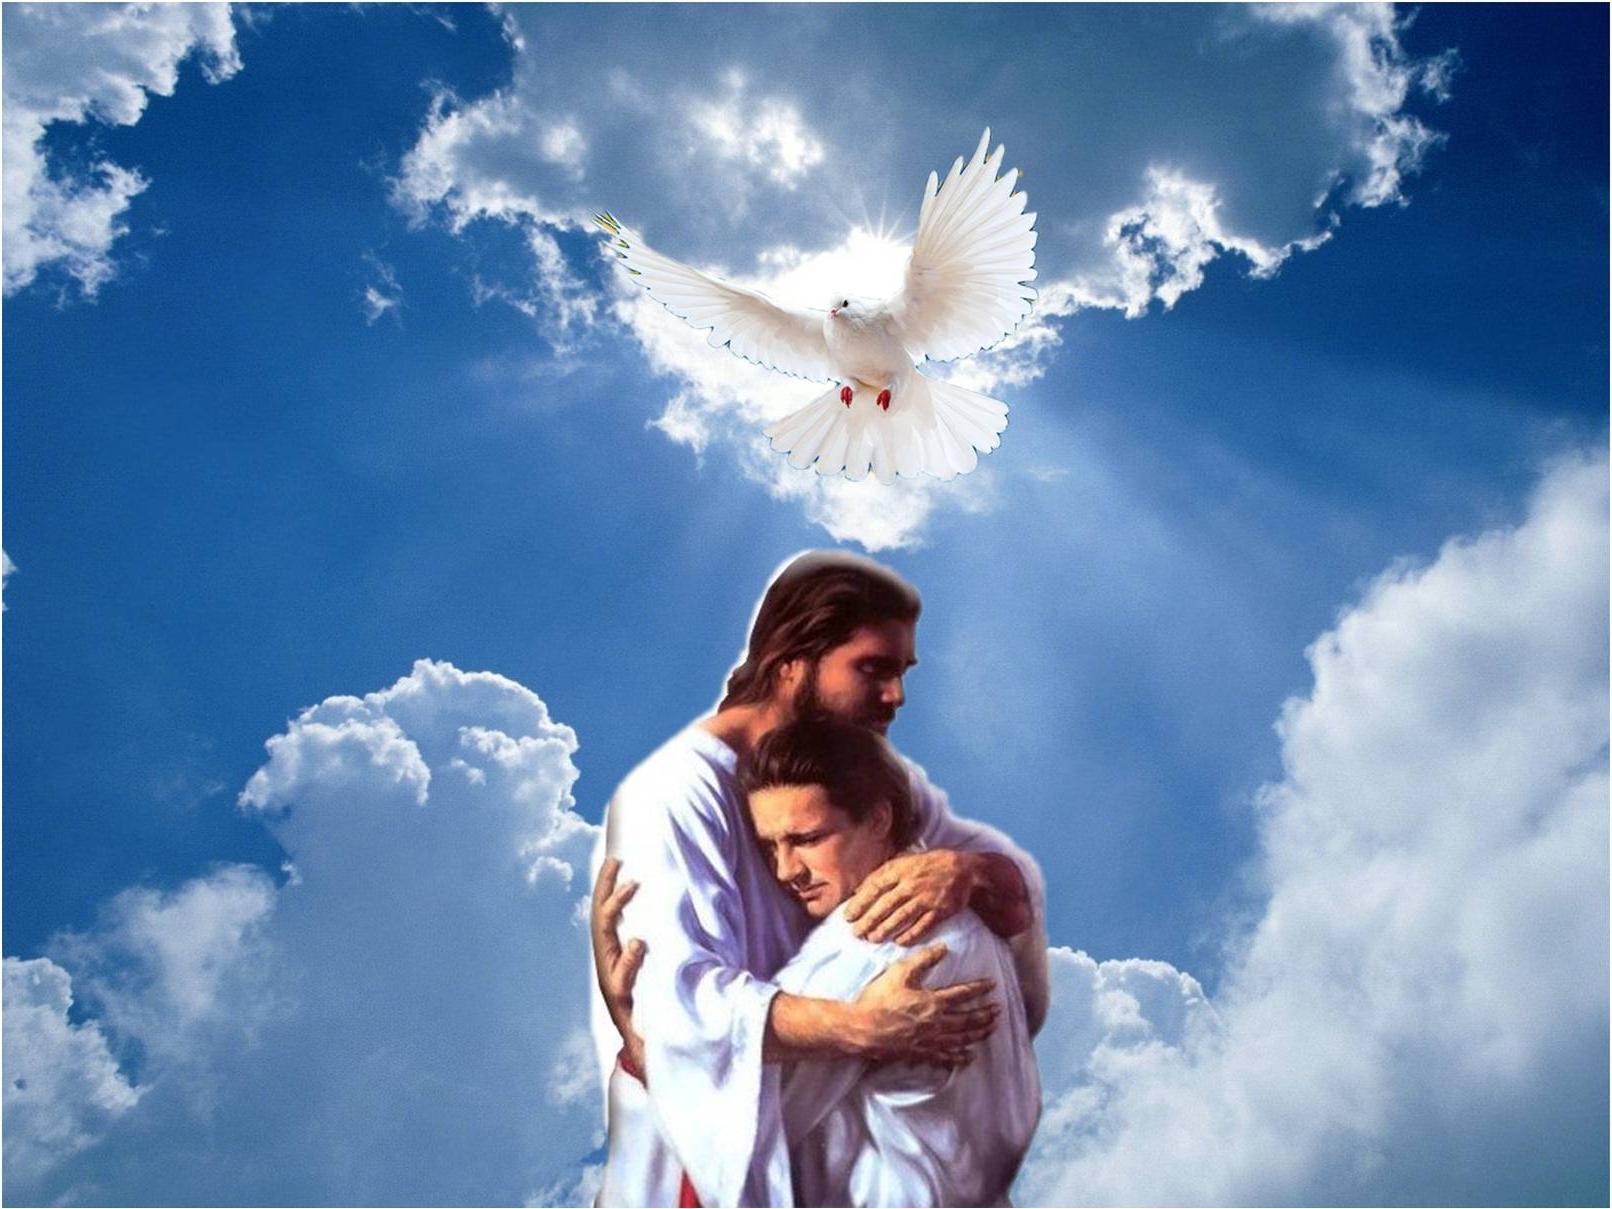 Ảnh đẹp chúa jesus cứu rỗi